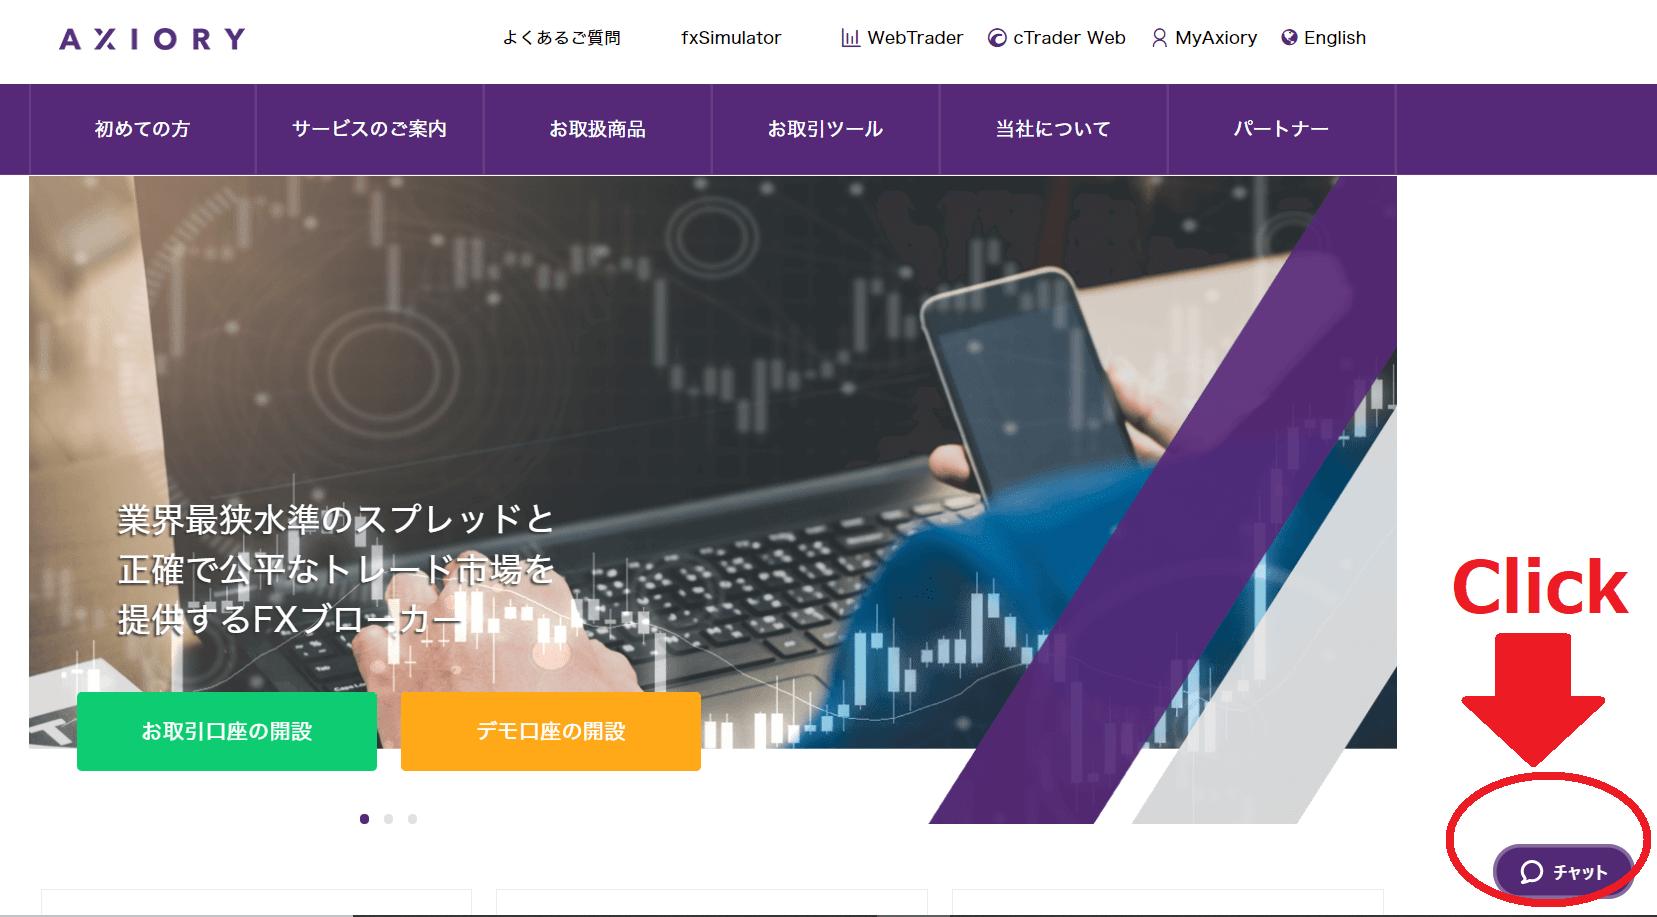 AXIORY公式サイトの右下「チャットボタン」 - AXIORY(アキシオリー)のメリット デメリット 口コミ 口座開設